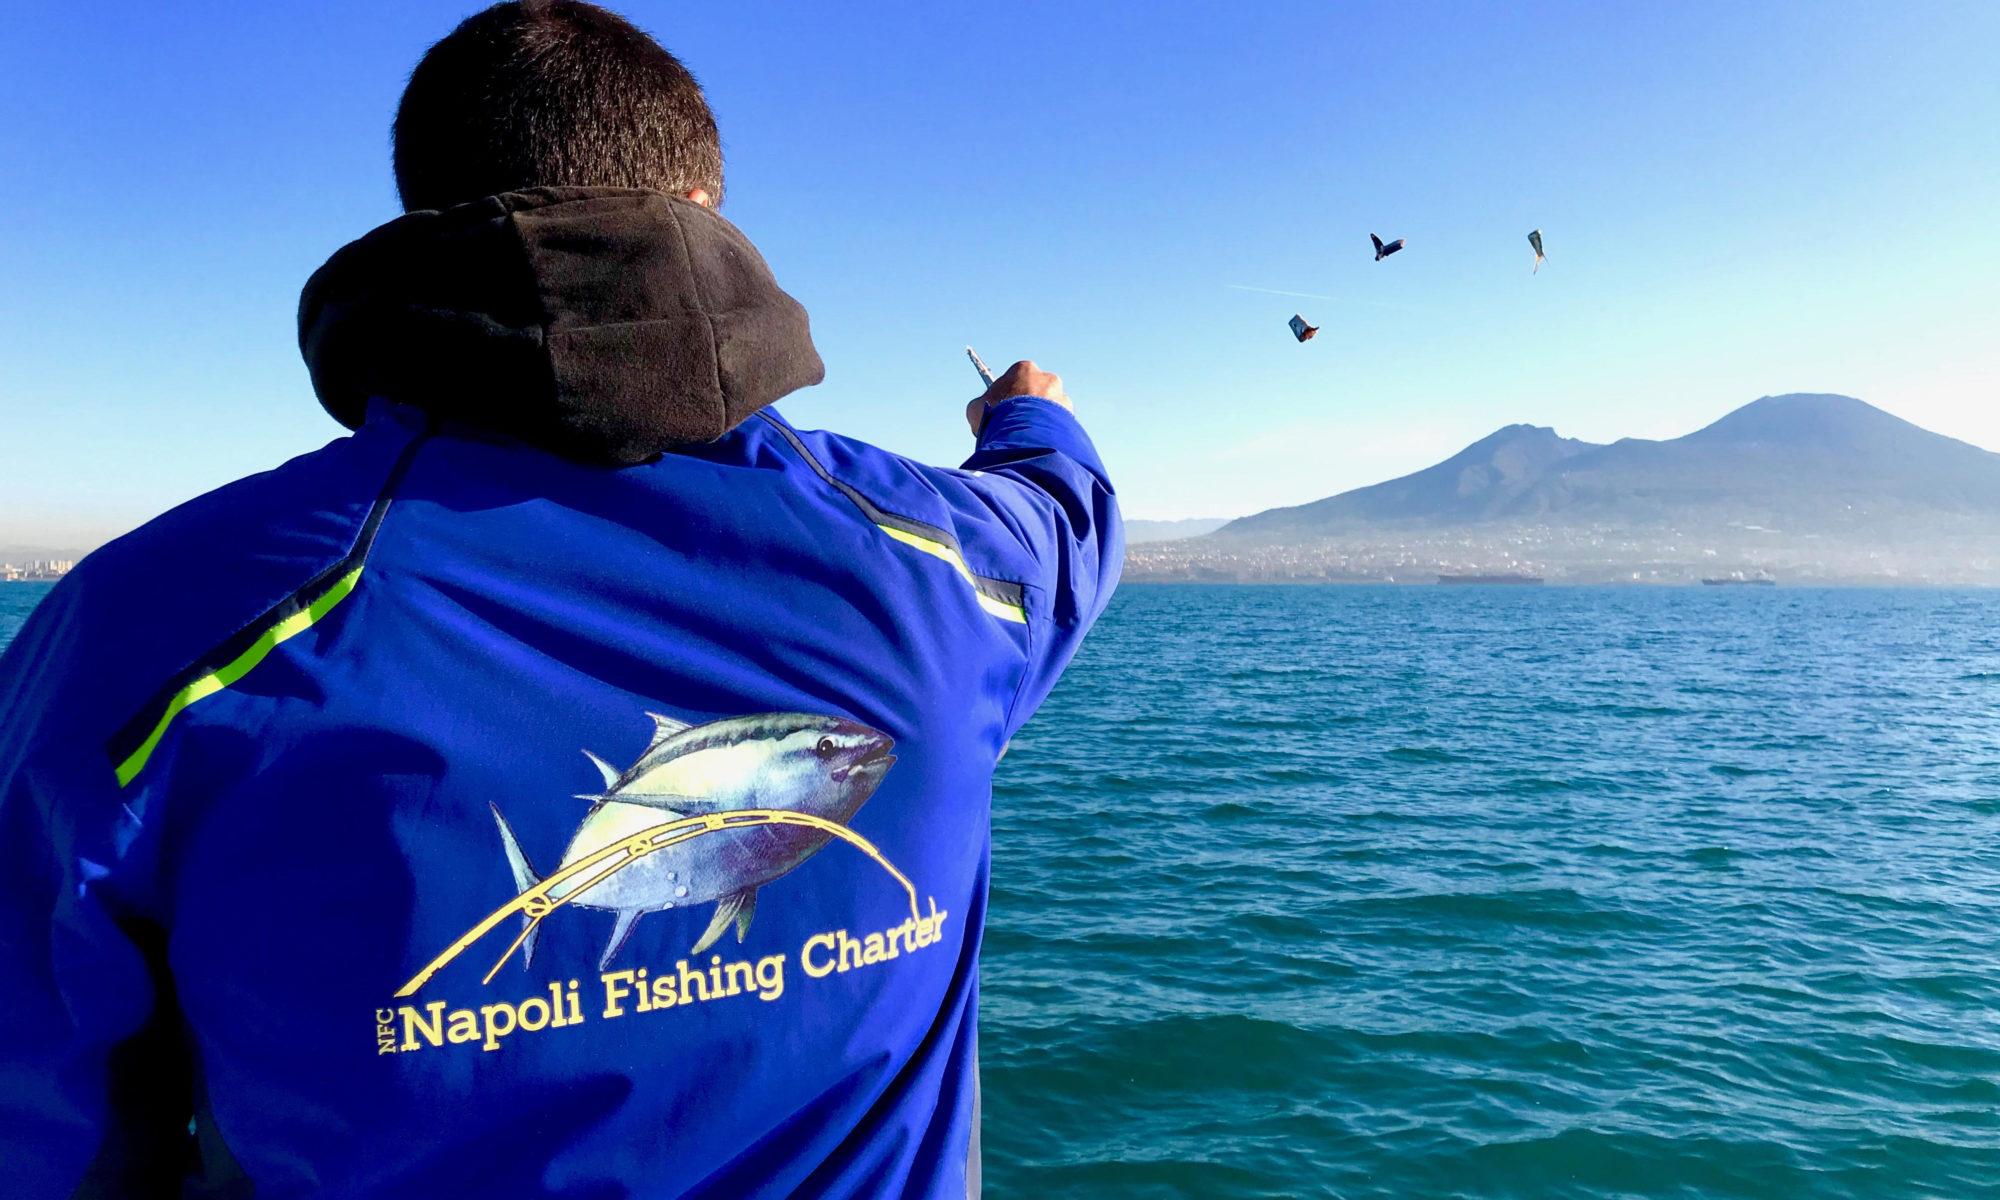 Ecco un'ottima idea regalo per tutti gli appassionati di Pesca in barca.